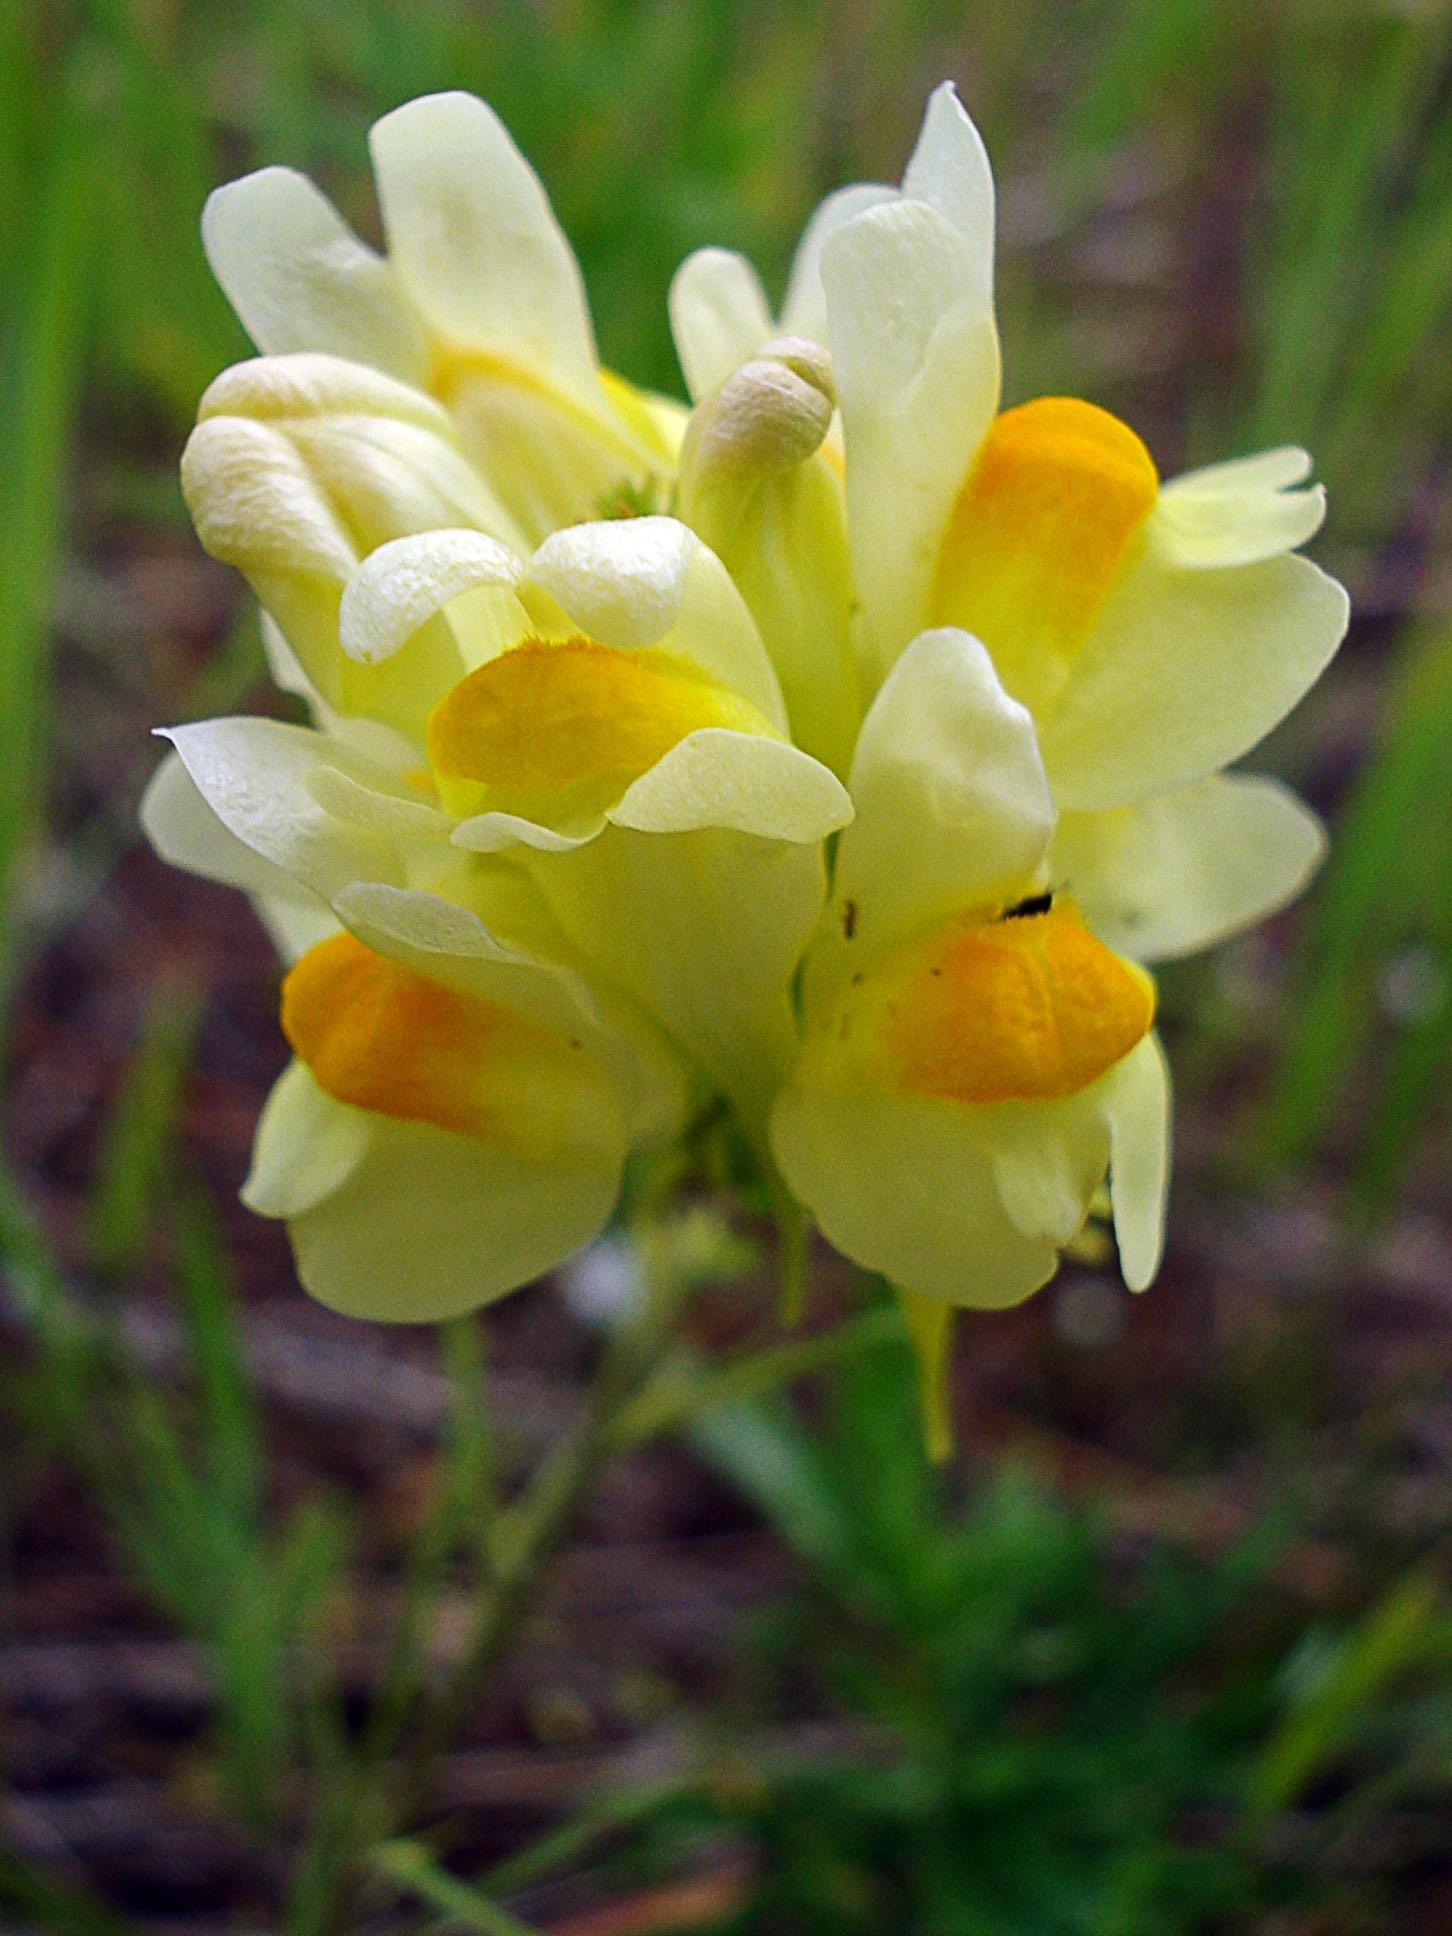 Желто-белые цветы львиного зева